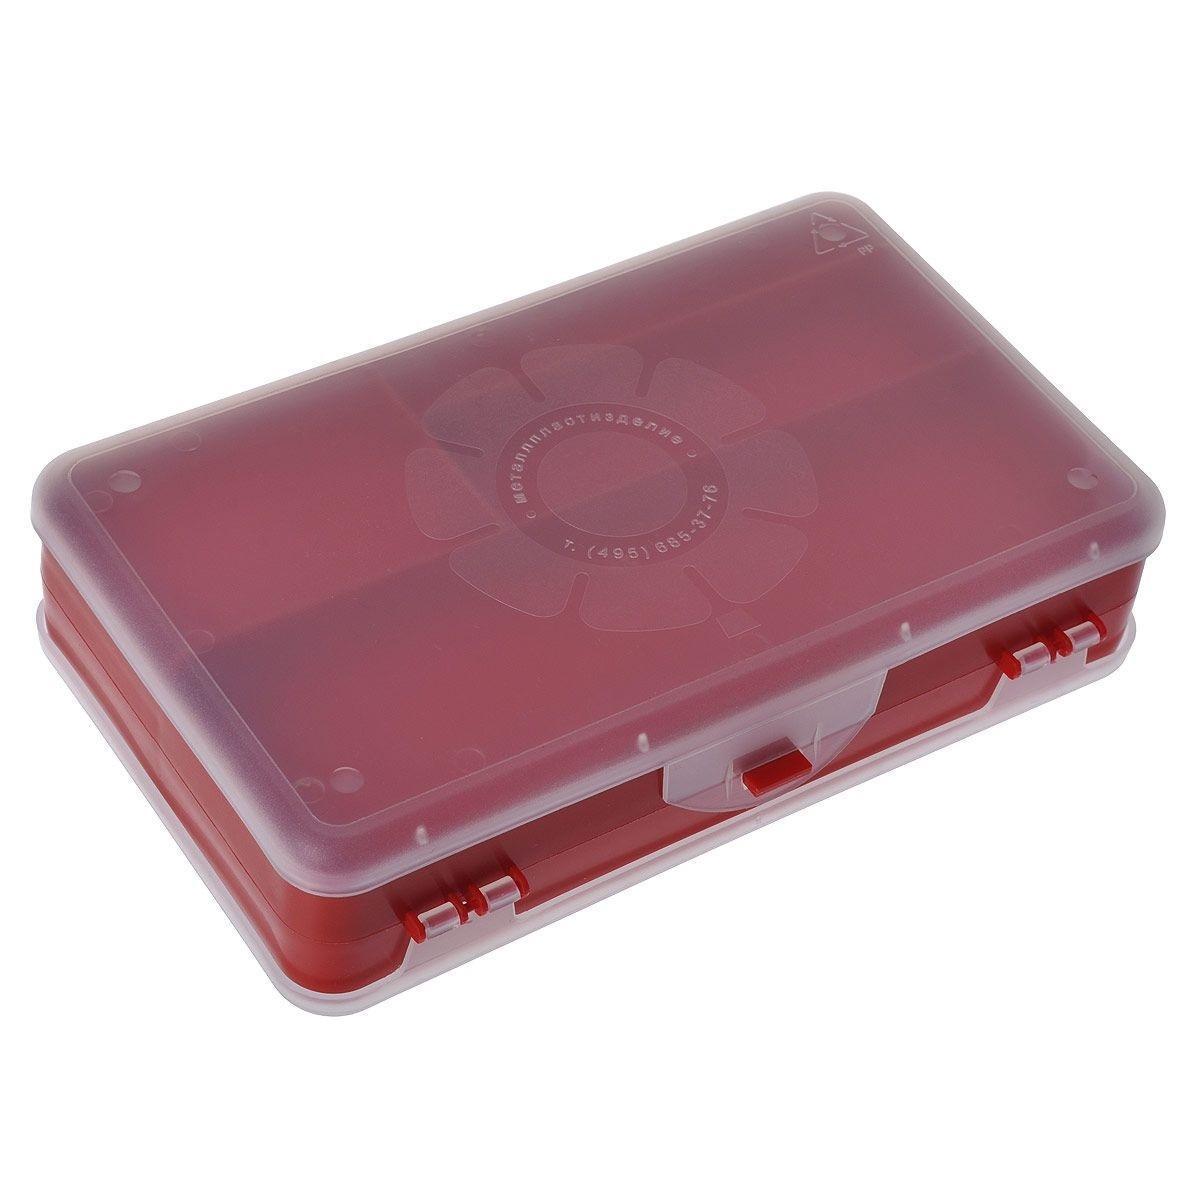 Шкатулка для мелочей Айрис, двухсторонняя, цвет: красный, прозрачный, 21,5 х 12,5 х 5 см 533758FS-91909Шкатулка для мелочей изготовлена из пластика. Шкатулка двухсторонняя, поэтому в ней можно хранить больше мелочей. Подходит для швейных принадлежностей, рыболовных снастей, мелких деталей и других бытовых мелочей. В одном отделении 4 секции, в другом - 5. Удобный и надежный замок-защелка обеспечивает надежное закрывание крышек. Изделие легко моется и чистится. Такая шкатулка поможет держать вещи в порядке.Размер самой большой секции: 21 см х 6 см х 2,3 см.Размер самой маленькой секции: 13 см х 2,3 см х 2,3 см.